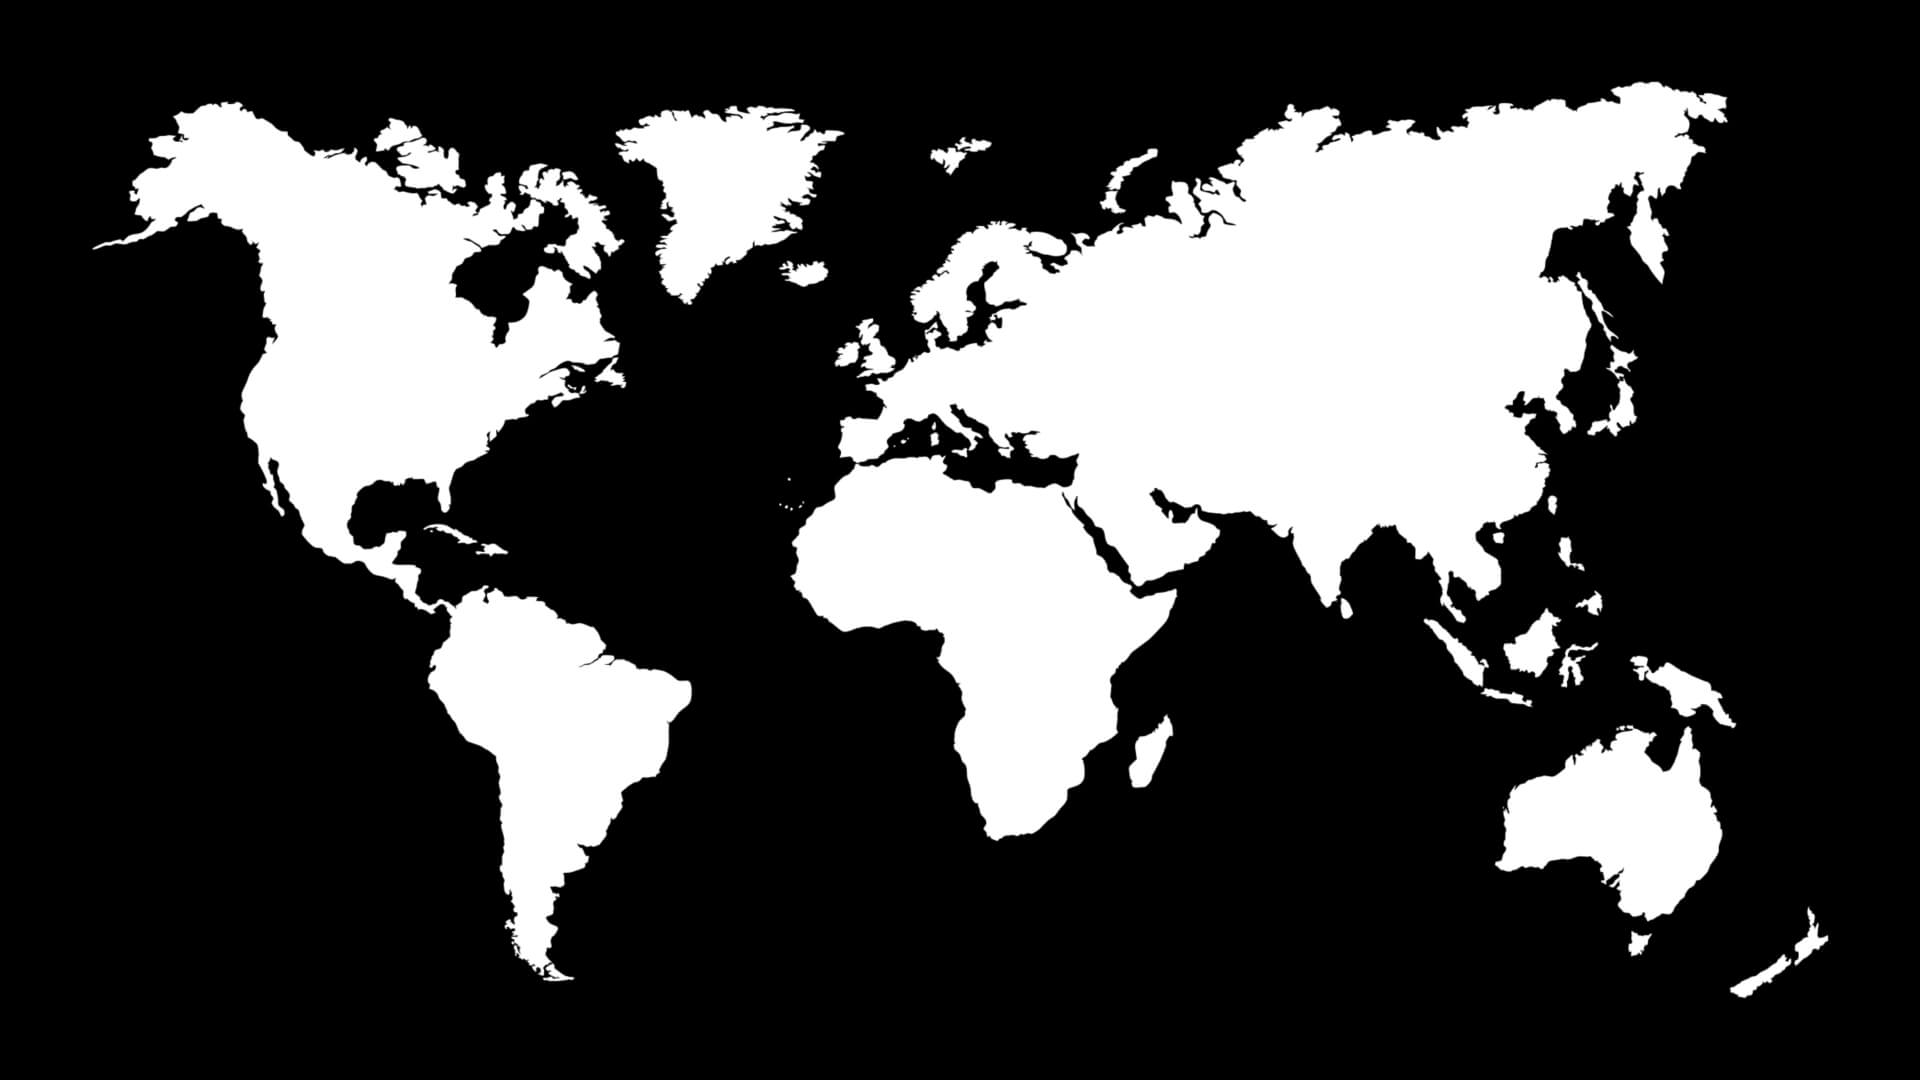 Welt in Schwarz/Weis